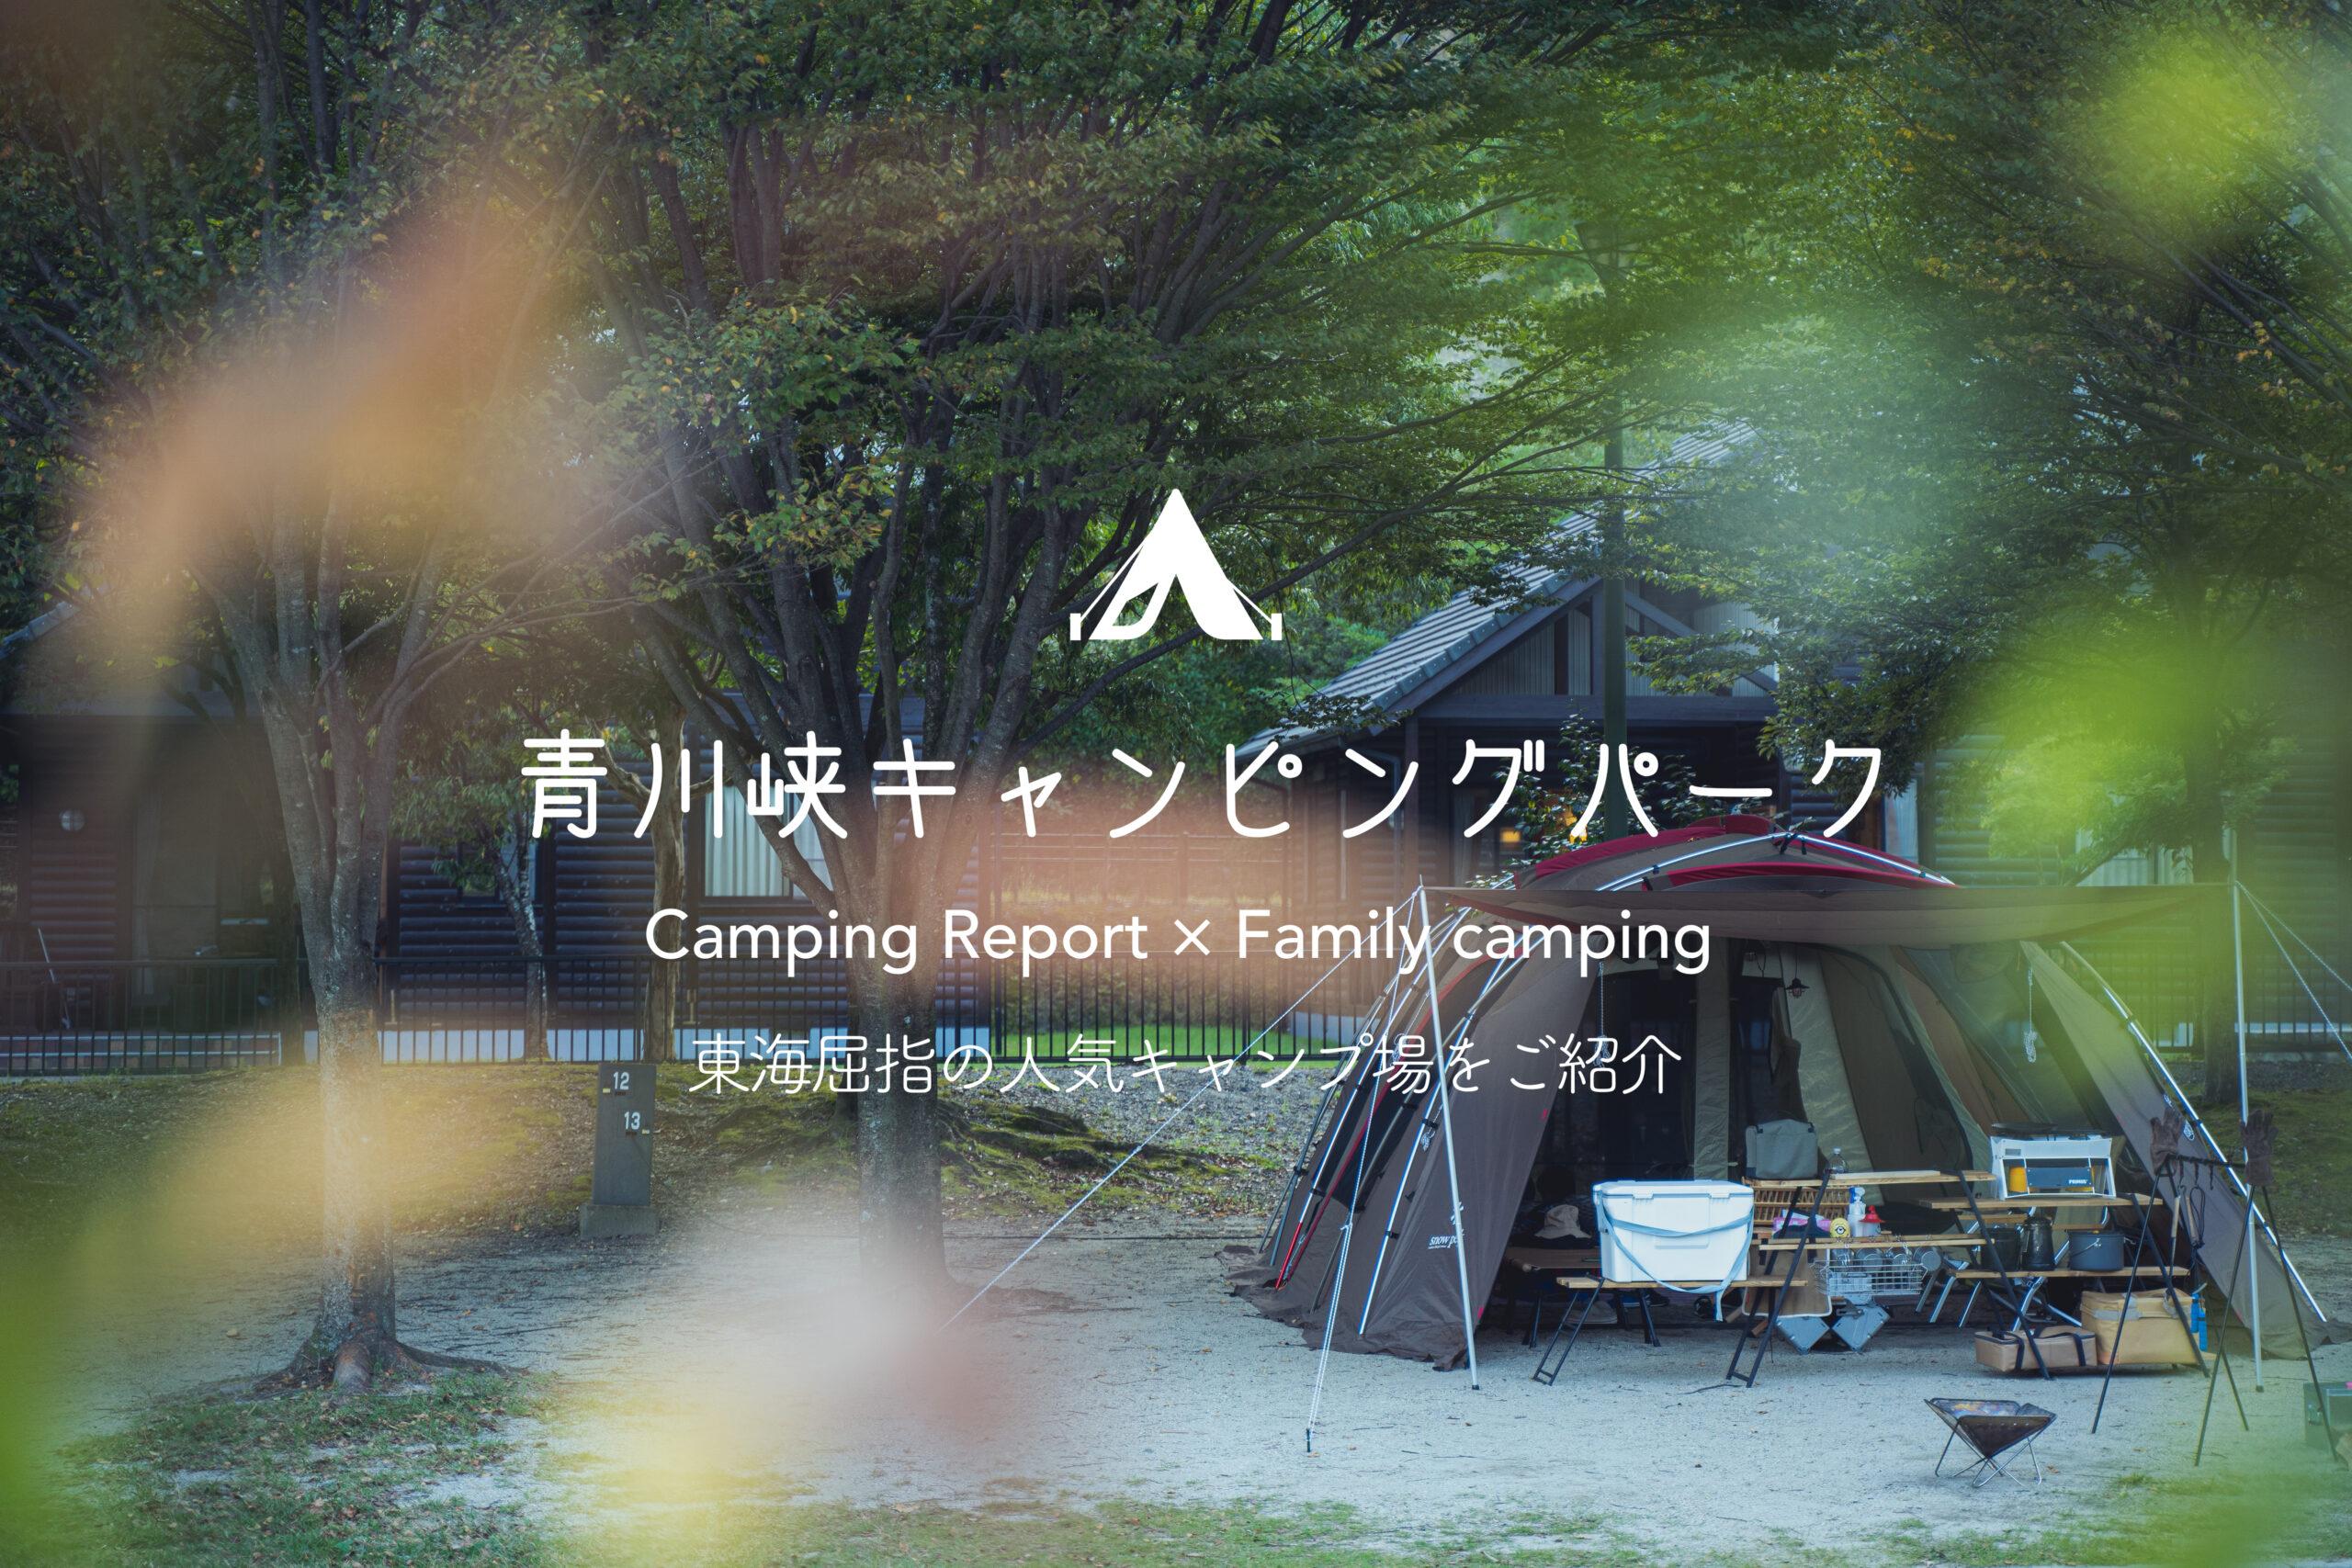 【キャンプレポ】東海屈指の大人気キャンプ場「青川峡キャンピングパーク」   全サイト・施設をご紹介